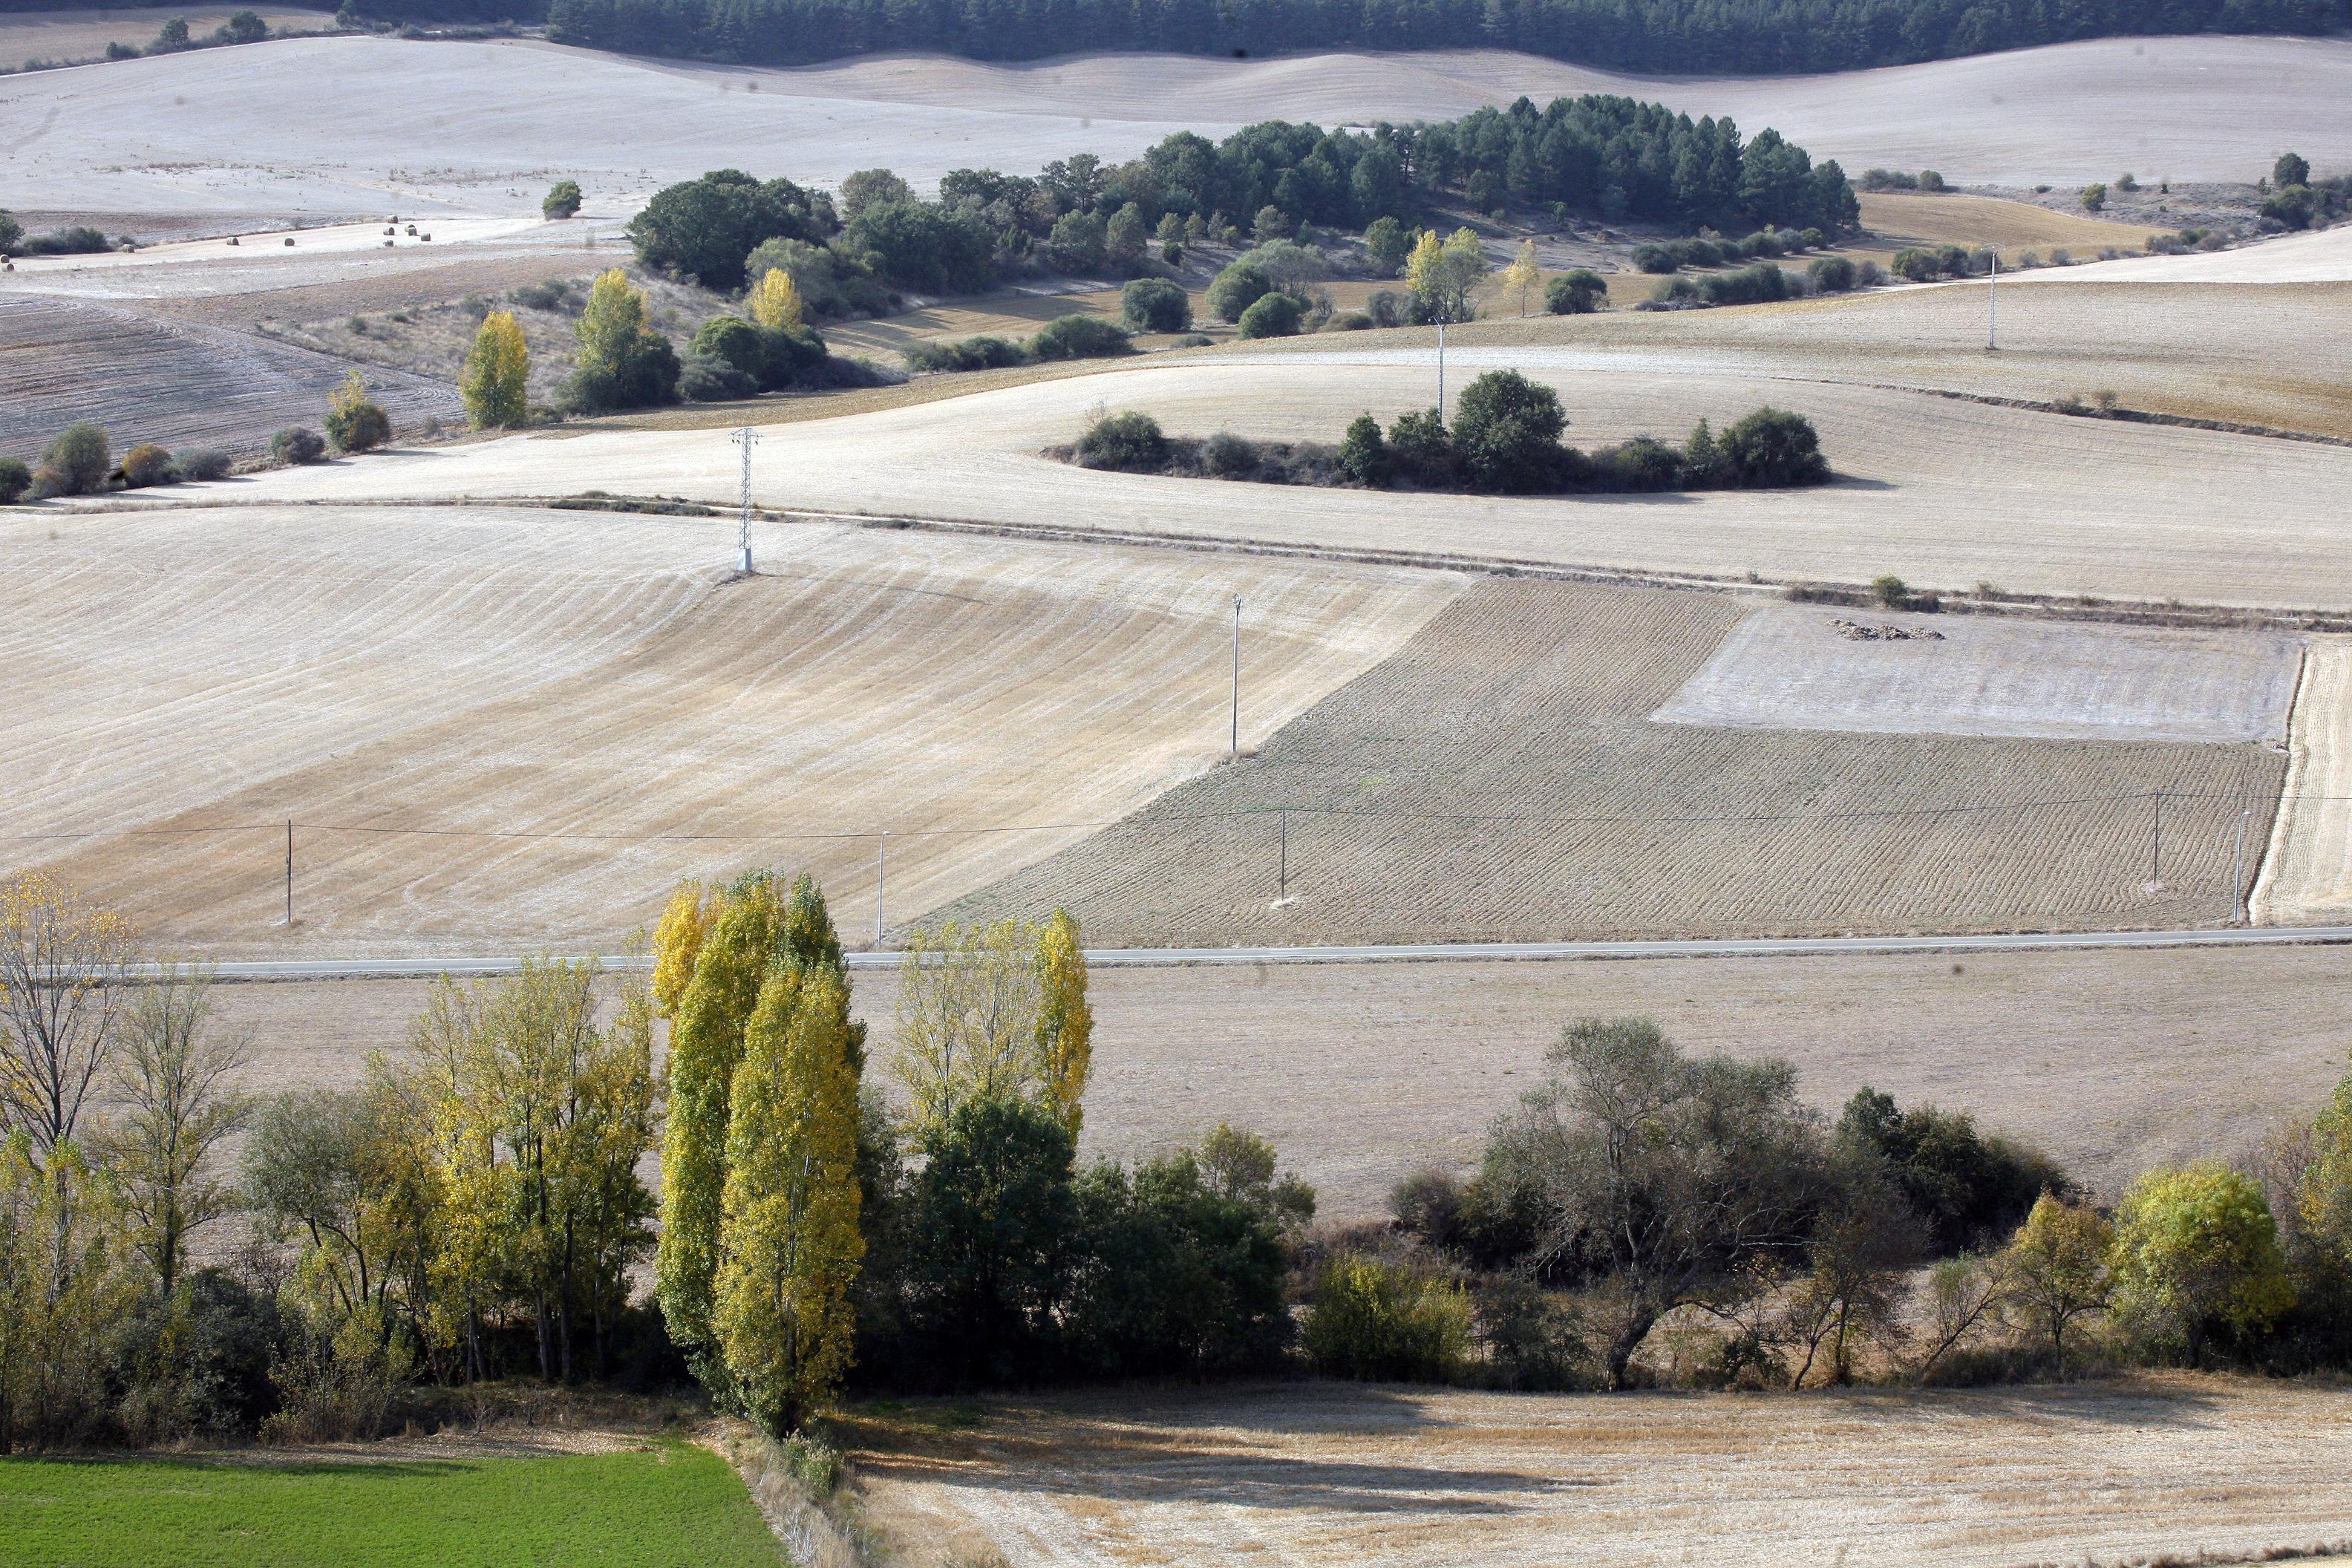 B uenavista-paisaje (10)